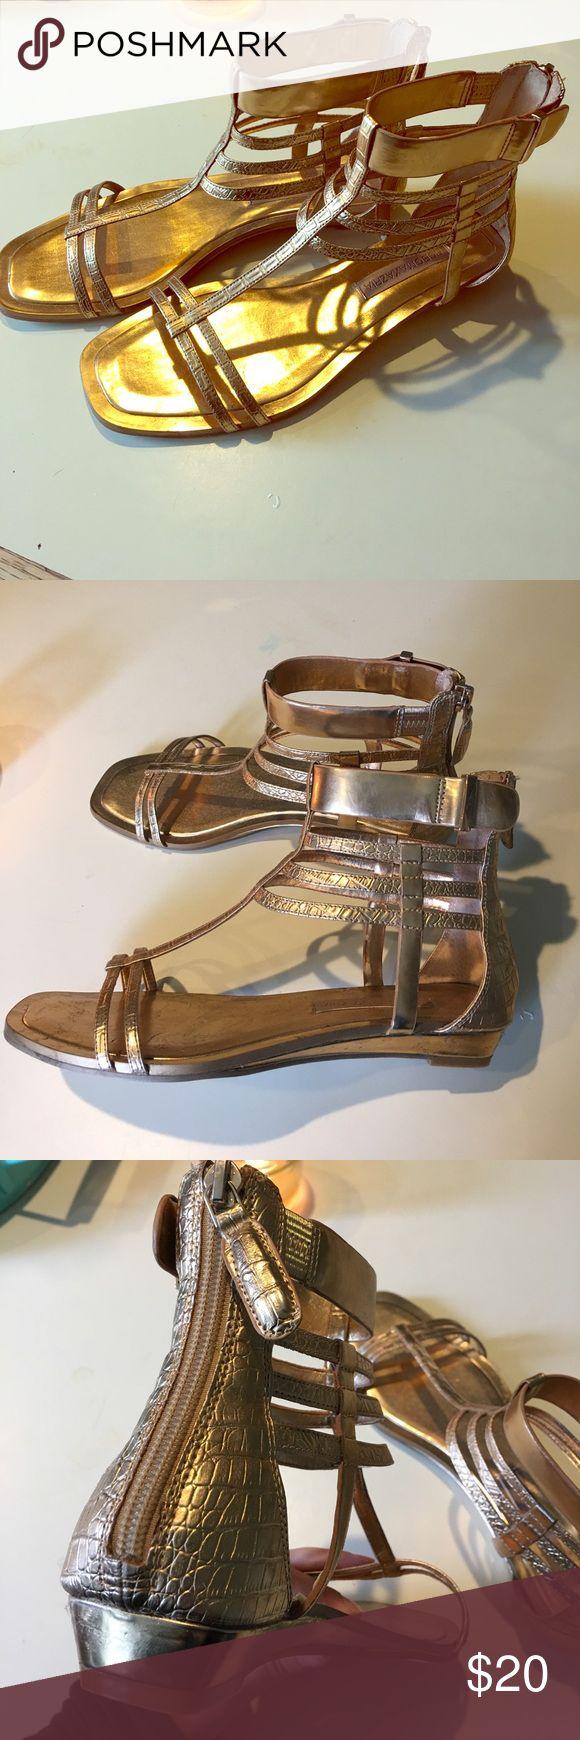 BCBG Aztec Sandals Gold/Copper Aztec sandals zip up the back by bcbg BCBGMaxAzria Shoes Sandals